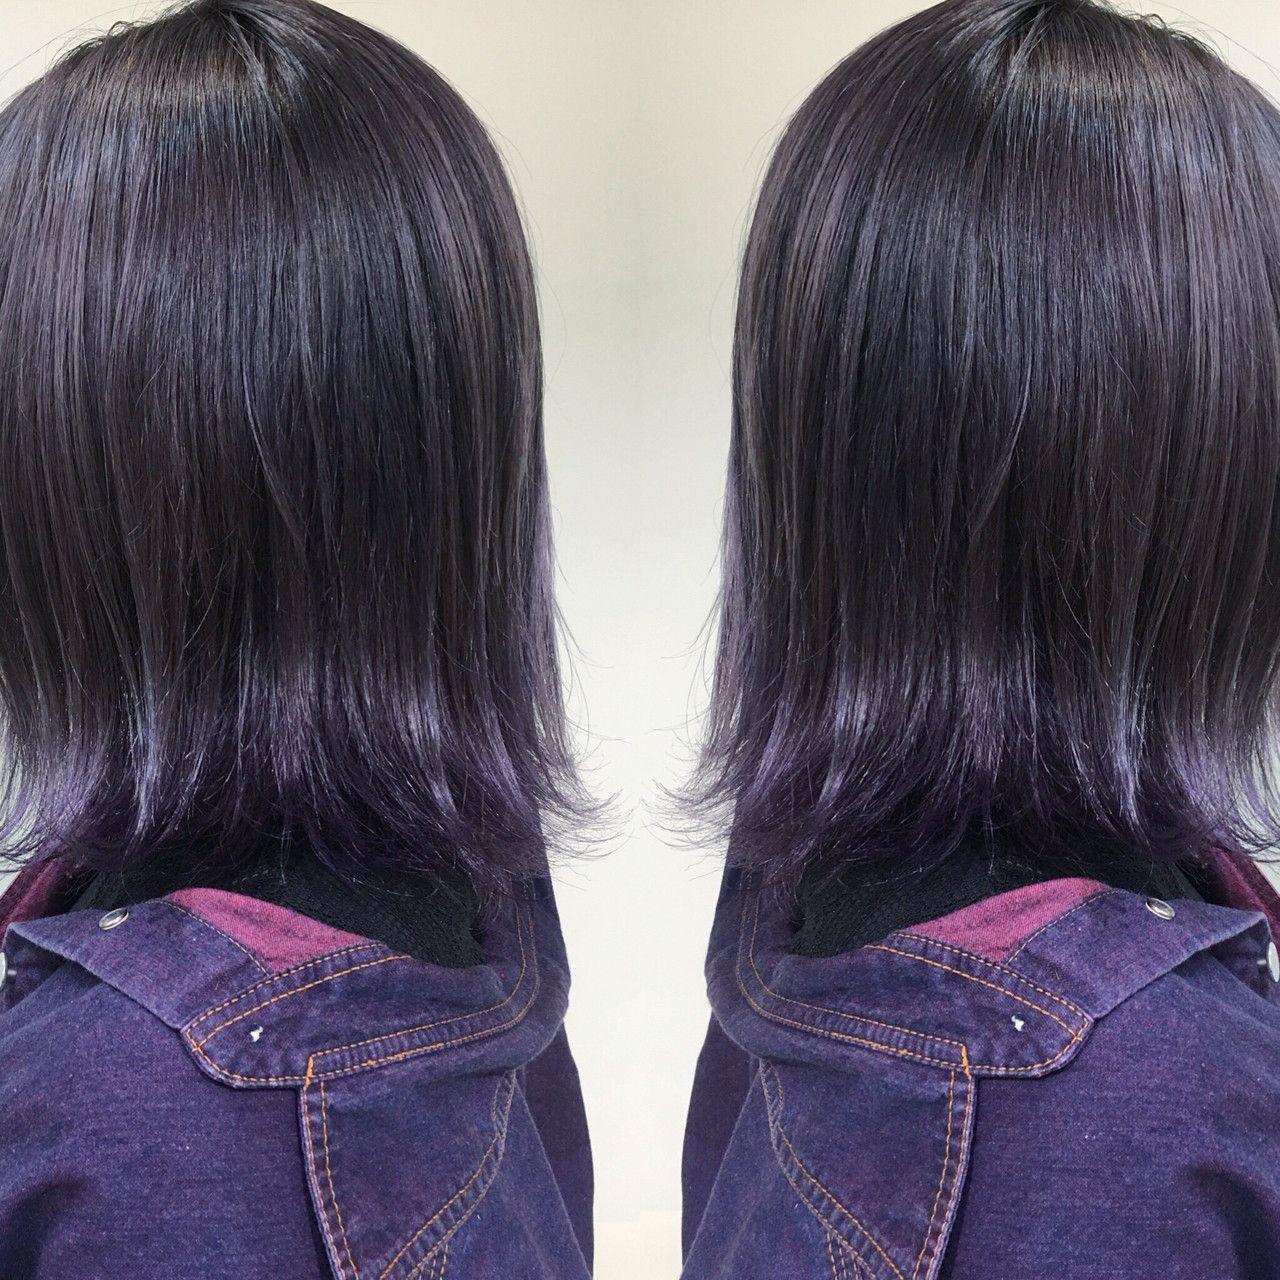 平成最後だから派手色に染めて カラフルカラーにイメチェン計画 Hair パープルヘアー ヘアカラー パープル バイオレット ヘアカラー